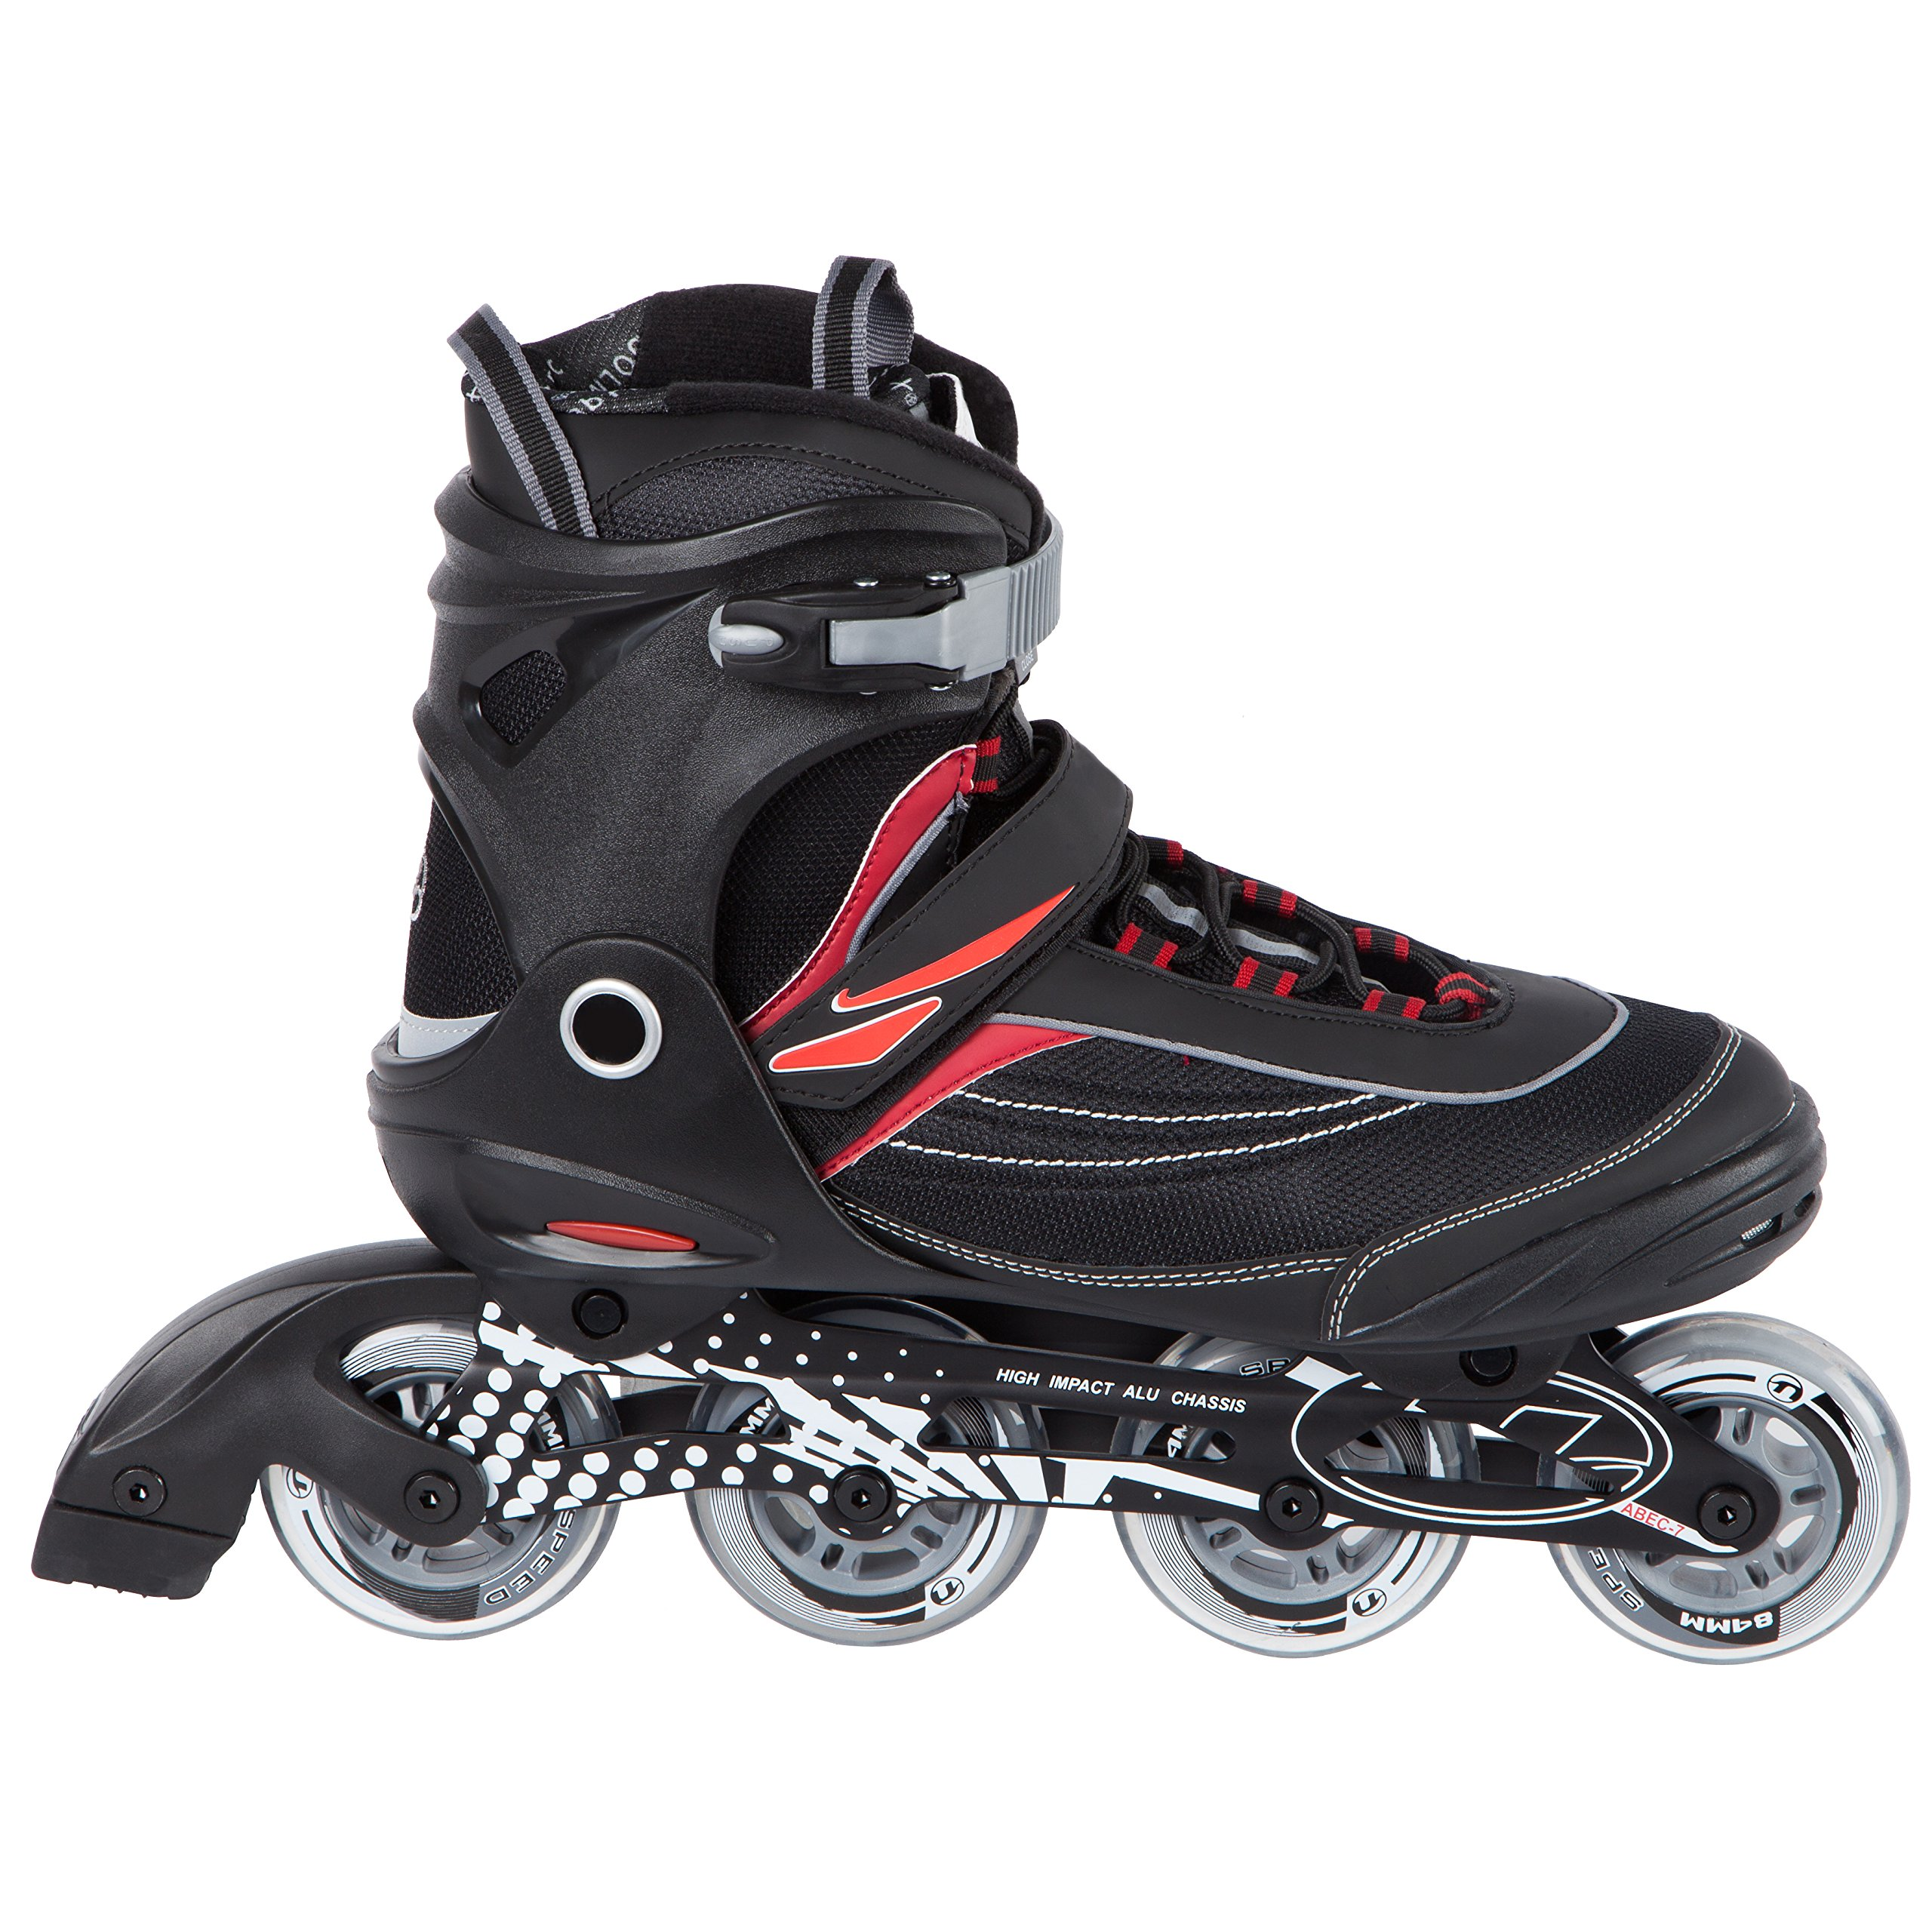 Ultega Men's U-Turn Size 11 Inline Skates, Black/Red